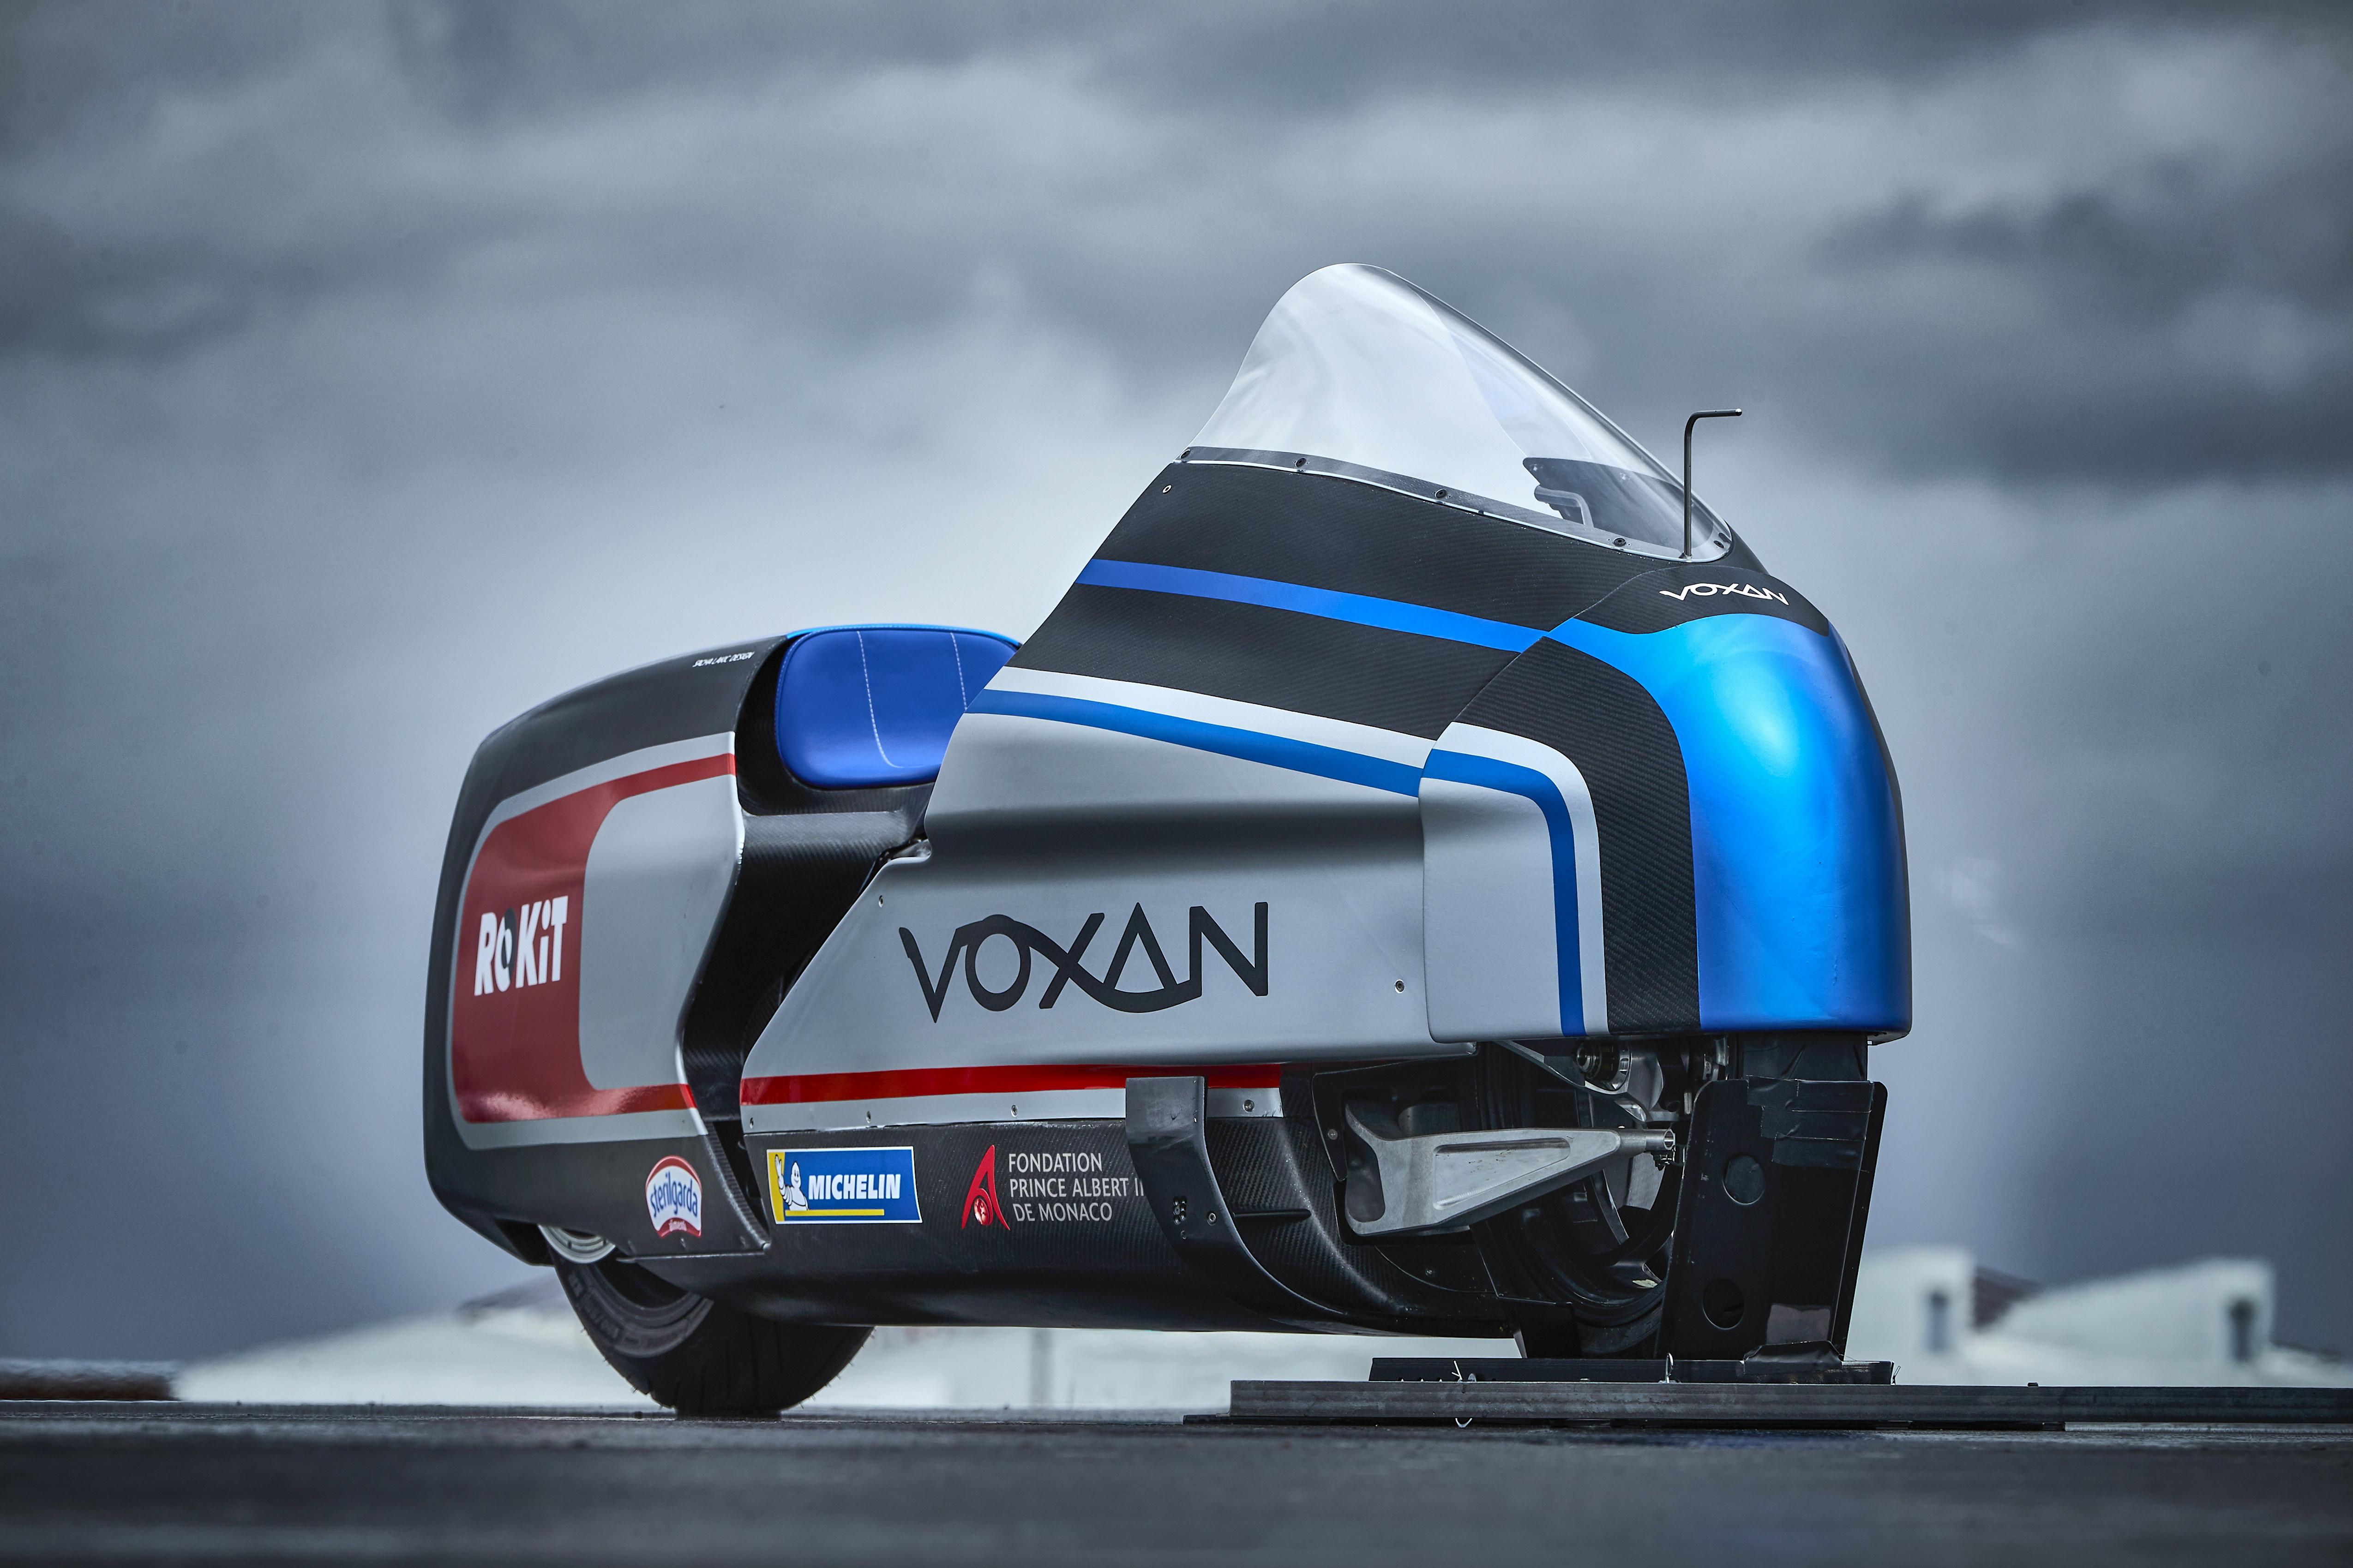 La Voxan ha tolti i veli alla Wattman, la moto elettrica disegnata per stabilire con Max Biaggi il nuovo primato di velocità. Il tentativo andrà in scena nel luglio del 2021 sul lago salato di Salar de Uyuni, in Bolivia.